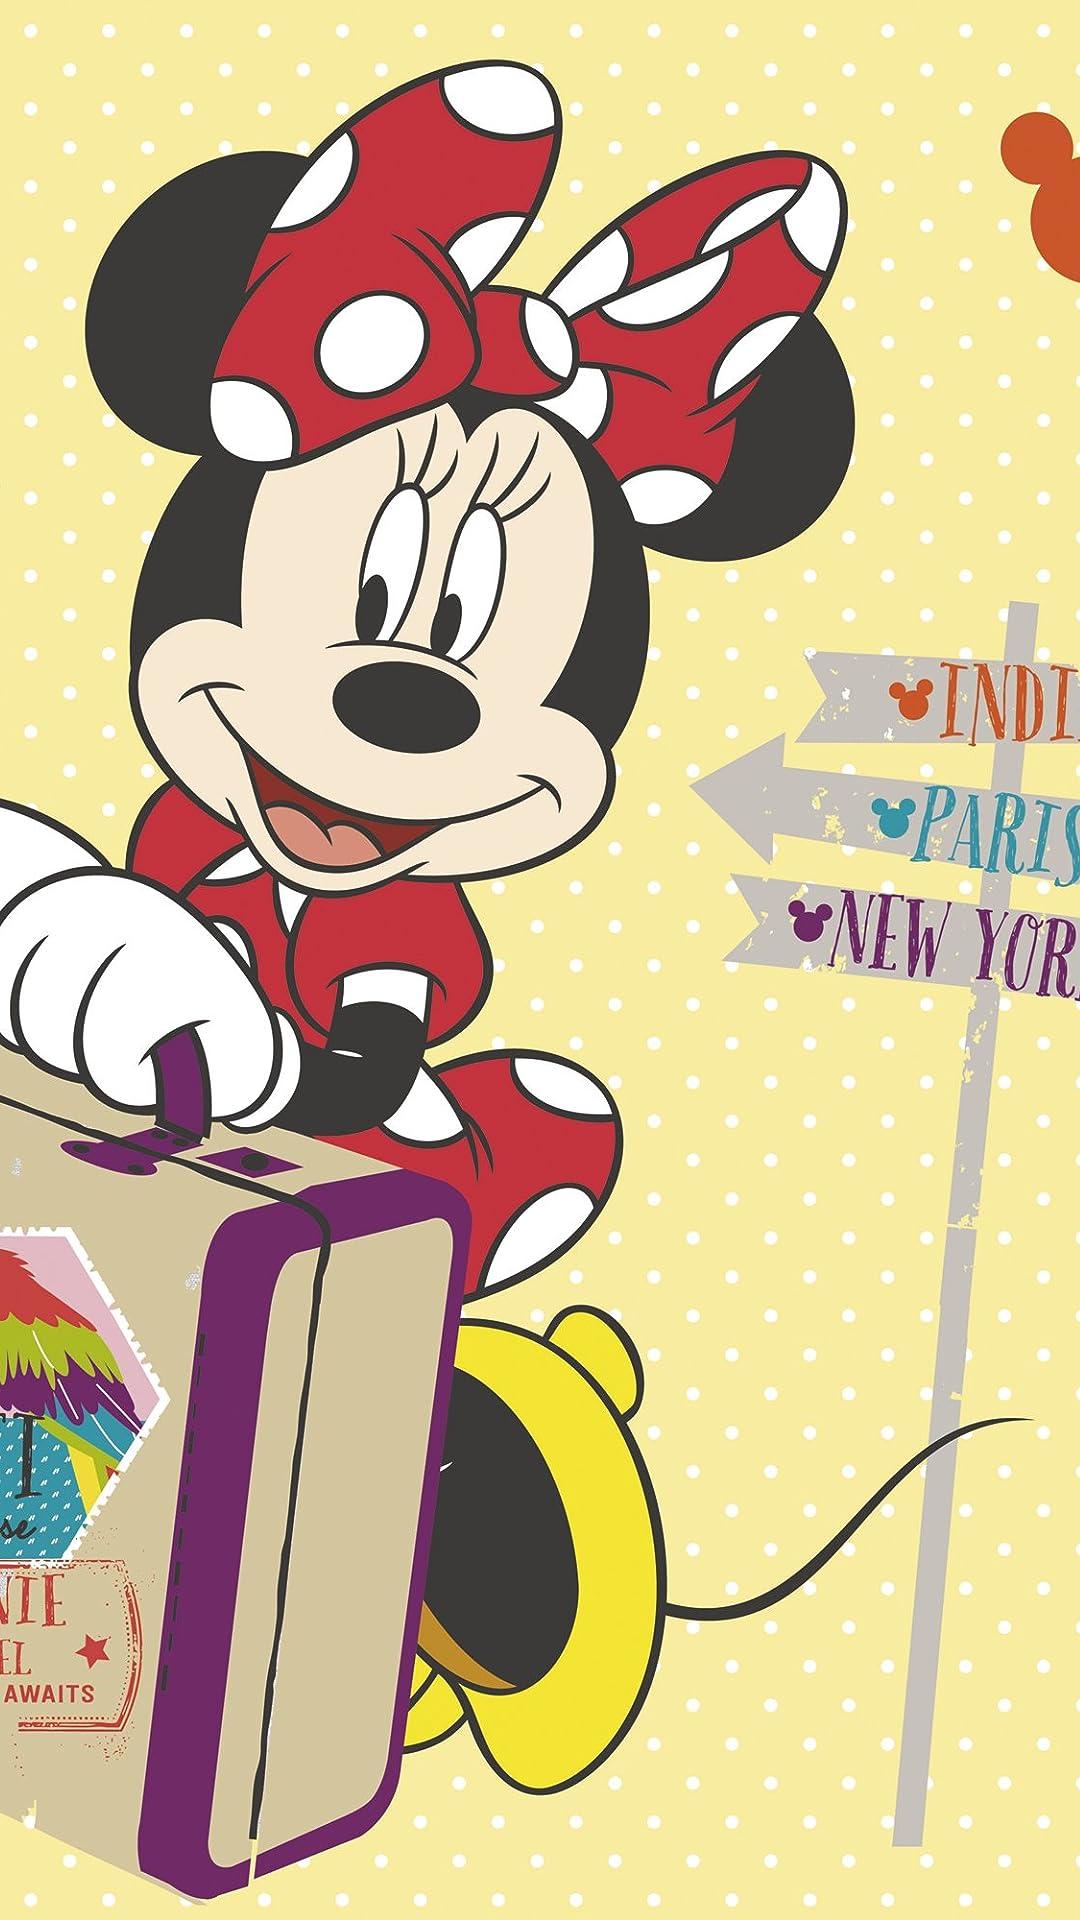 ディズニー ミニーマウス フルHD(1080×1920)スマホ壁紙/待受 画像37717 スマポ